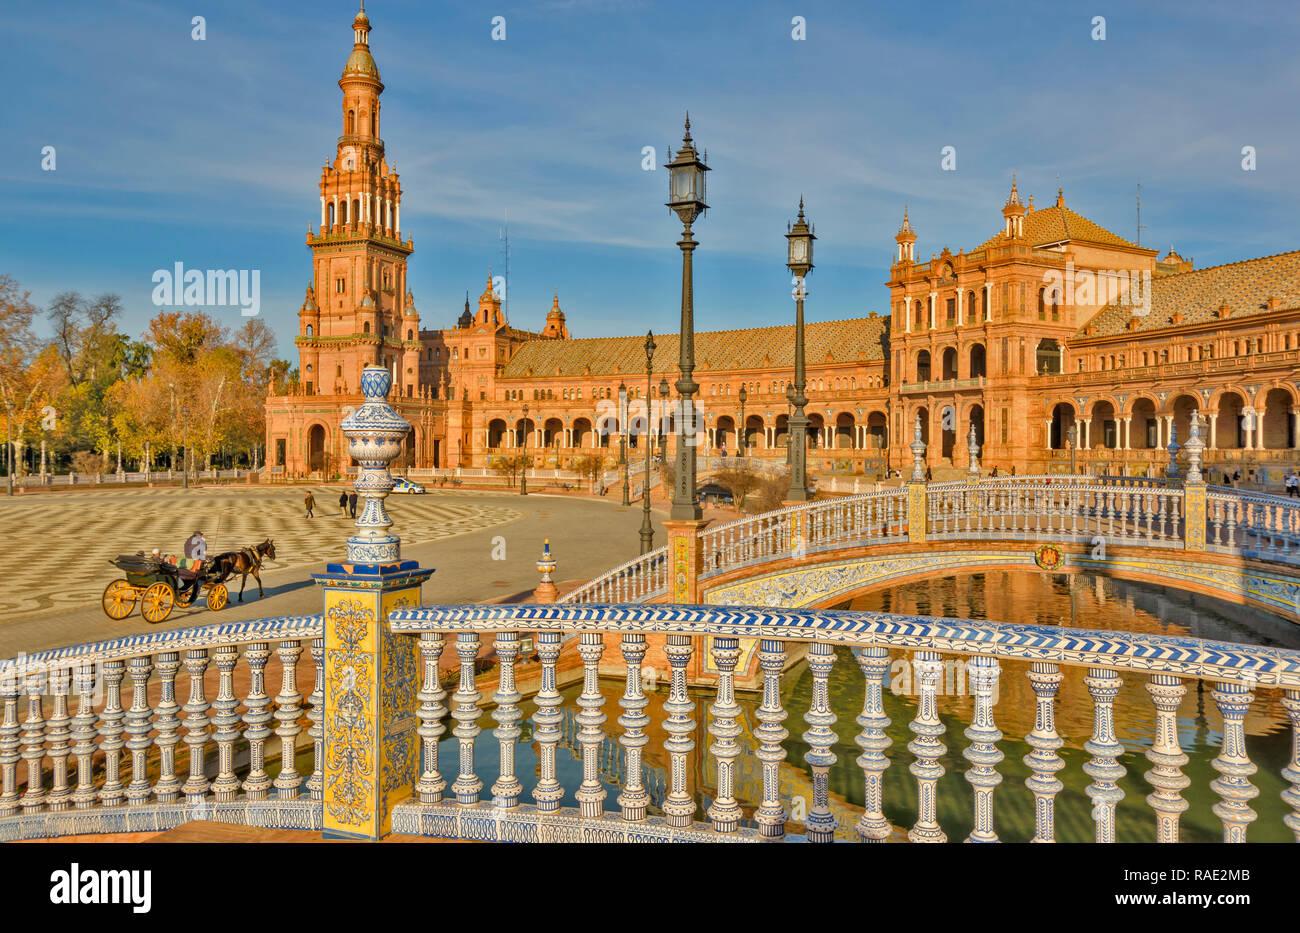 PALACIO ESPANOL EN EL PARQUE DE MARIA LUISA sevilla españa en azulejos blancos y azules de tres puentes sobre el canal Foto de stock